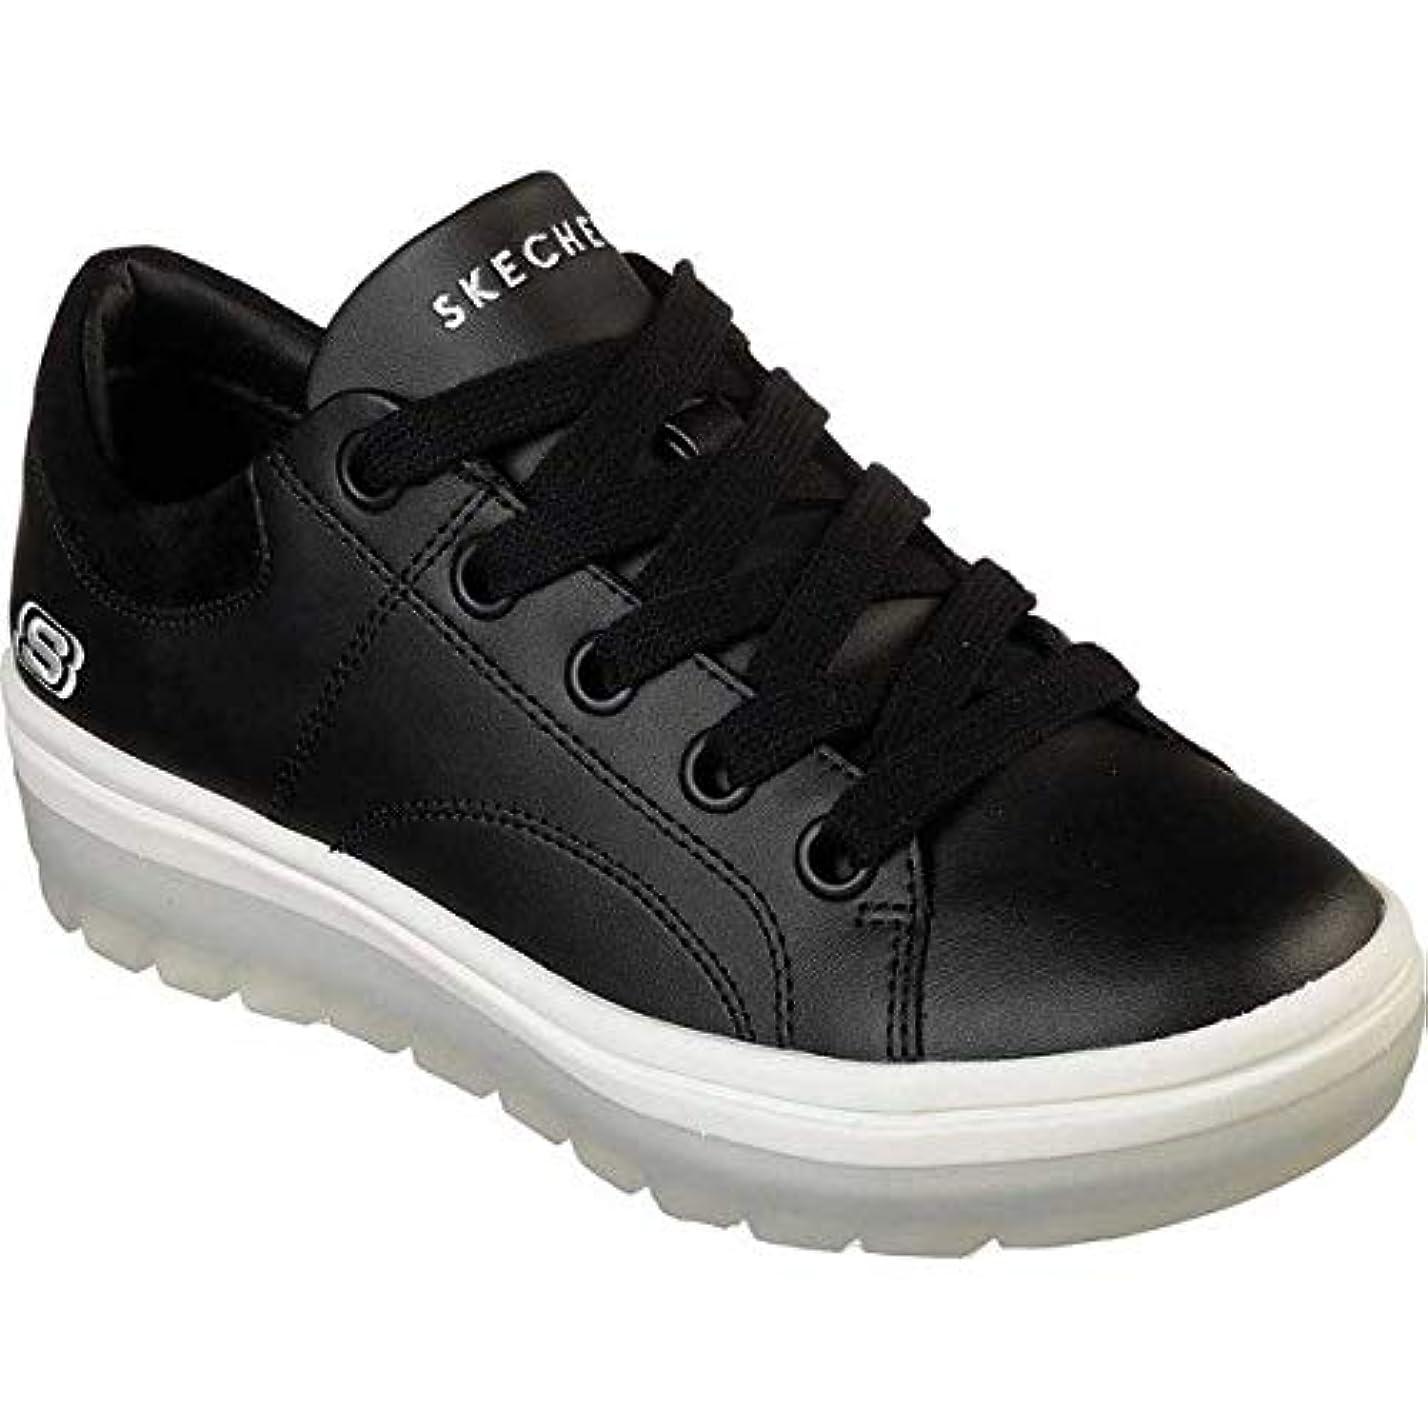 民族主義輝くプラットフォーム[スケッチャーズ] レディース スニーカー Street Cleats C-thr-U Sneaker [並行輸入品]